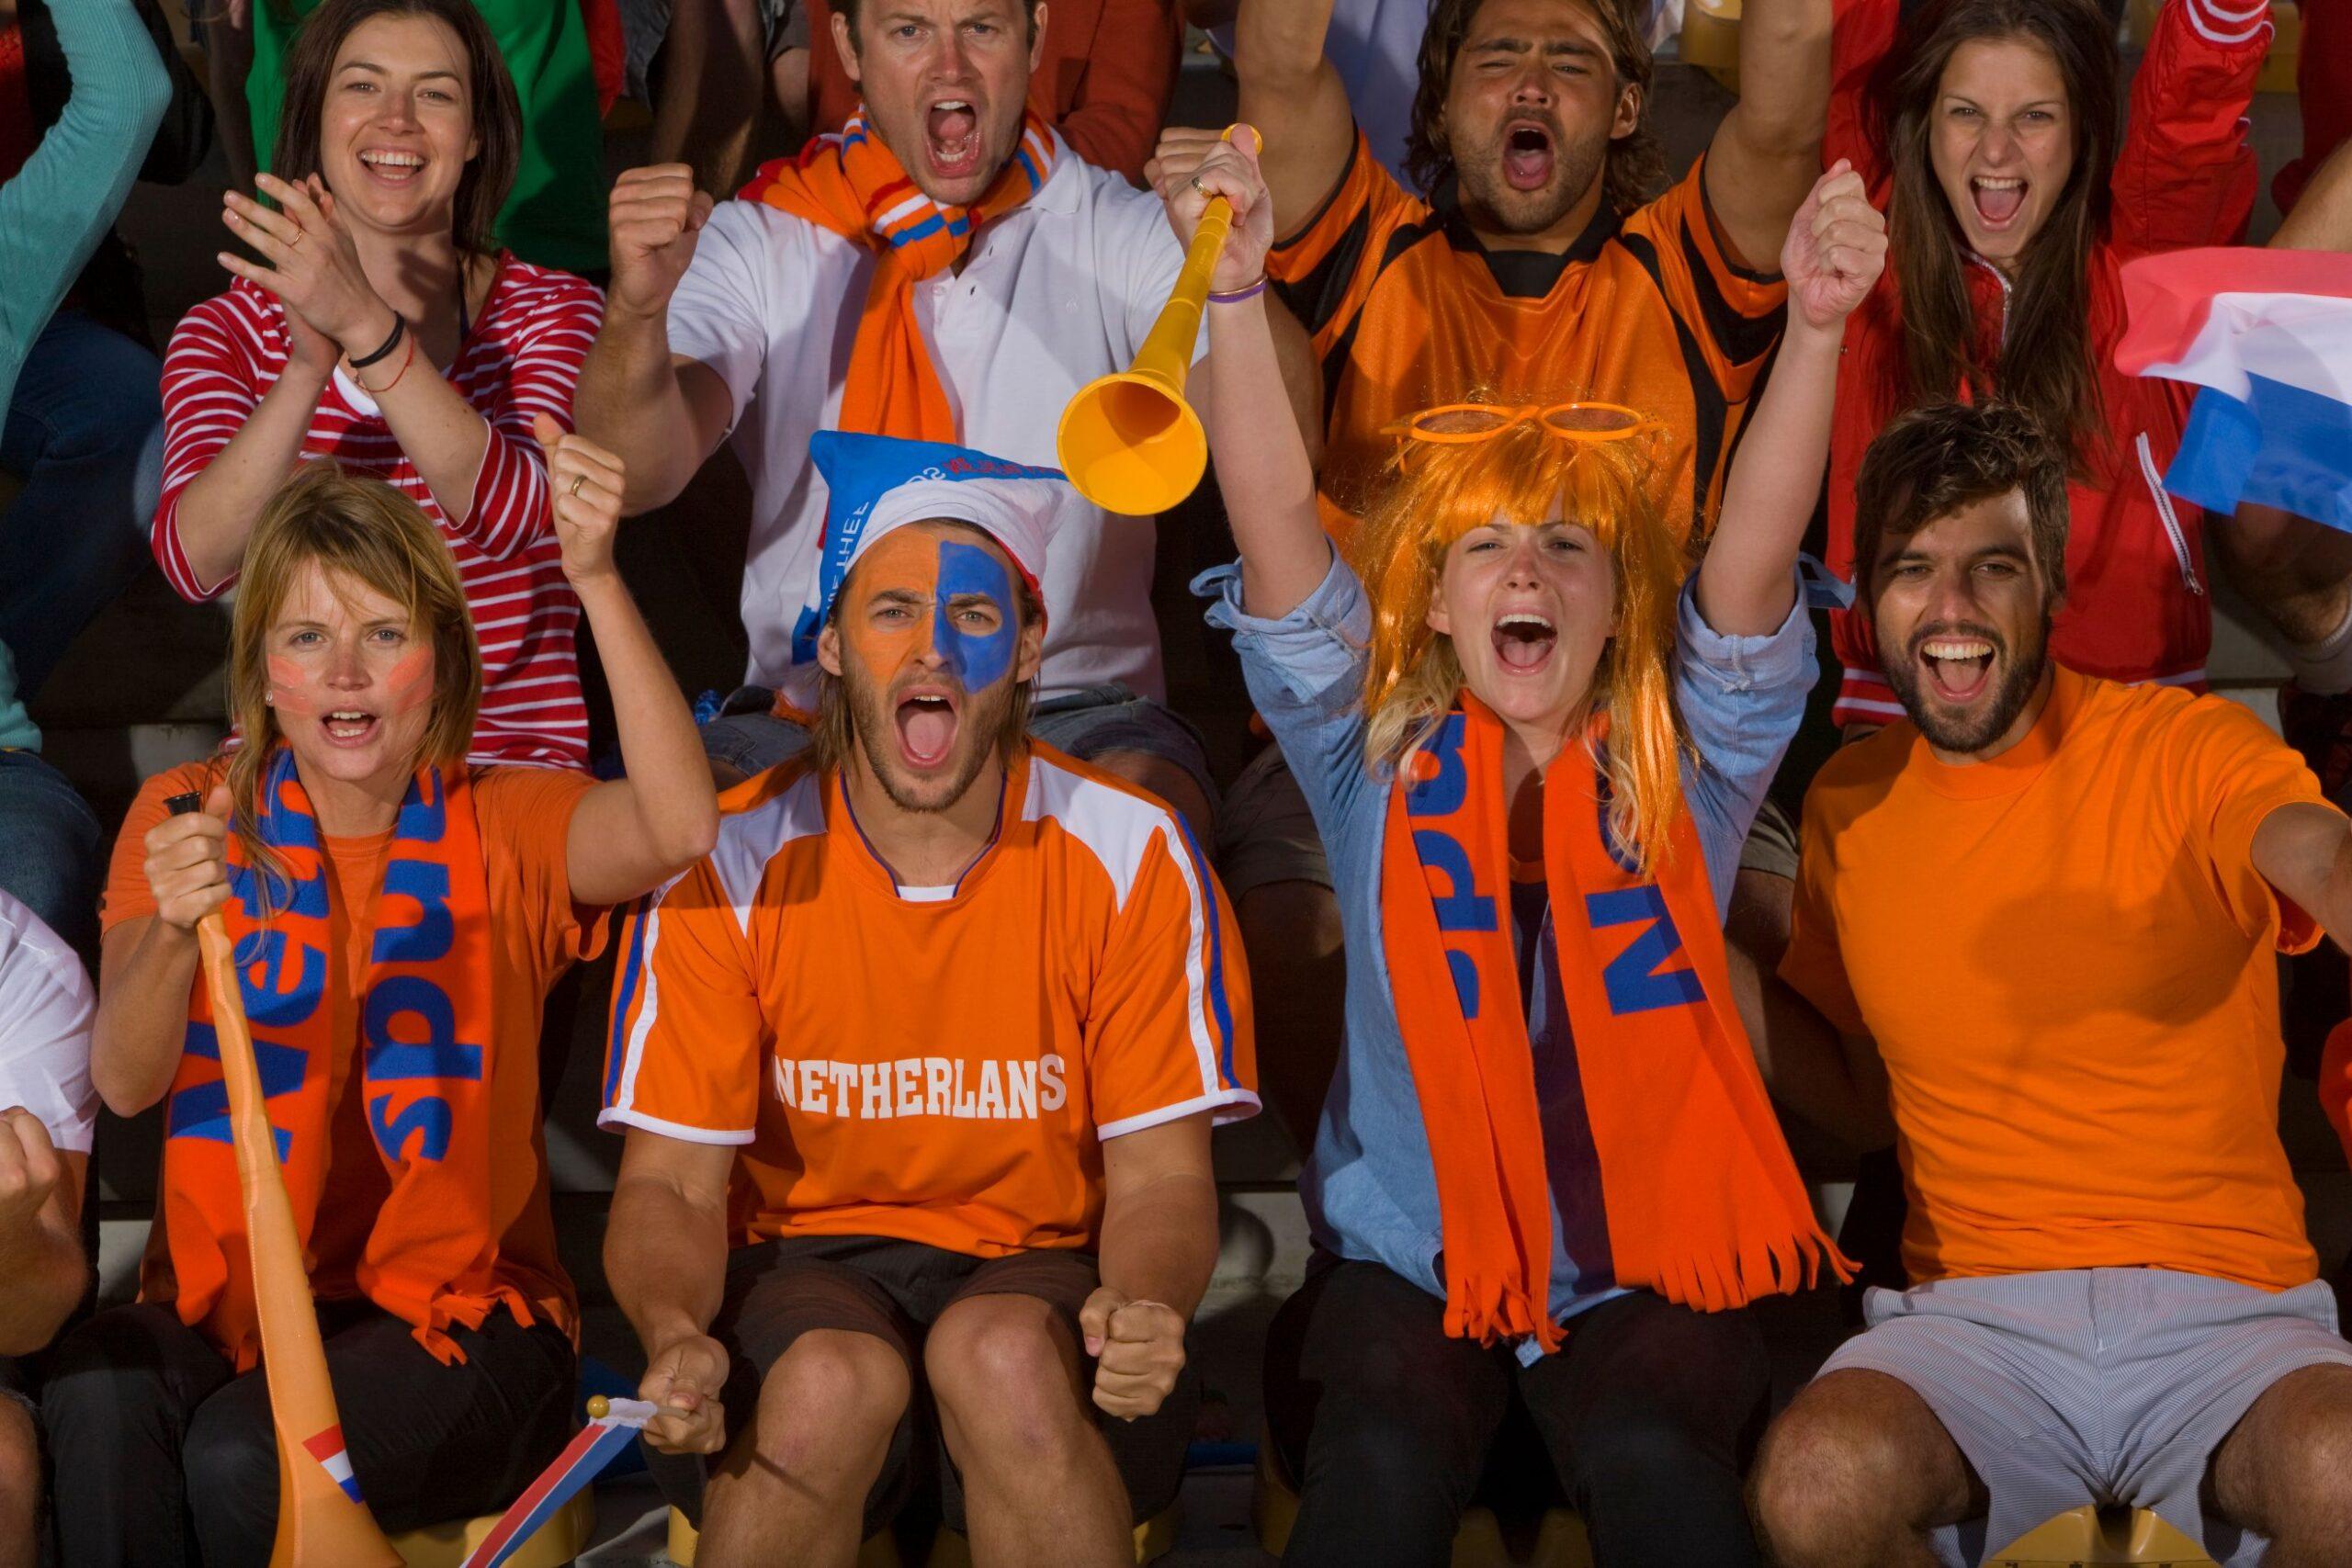 Voetbal supporters oranje kleding Nederlands actueel Malmberg